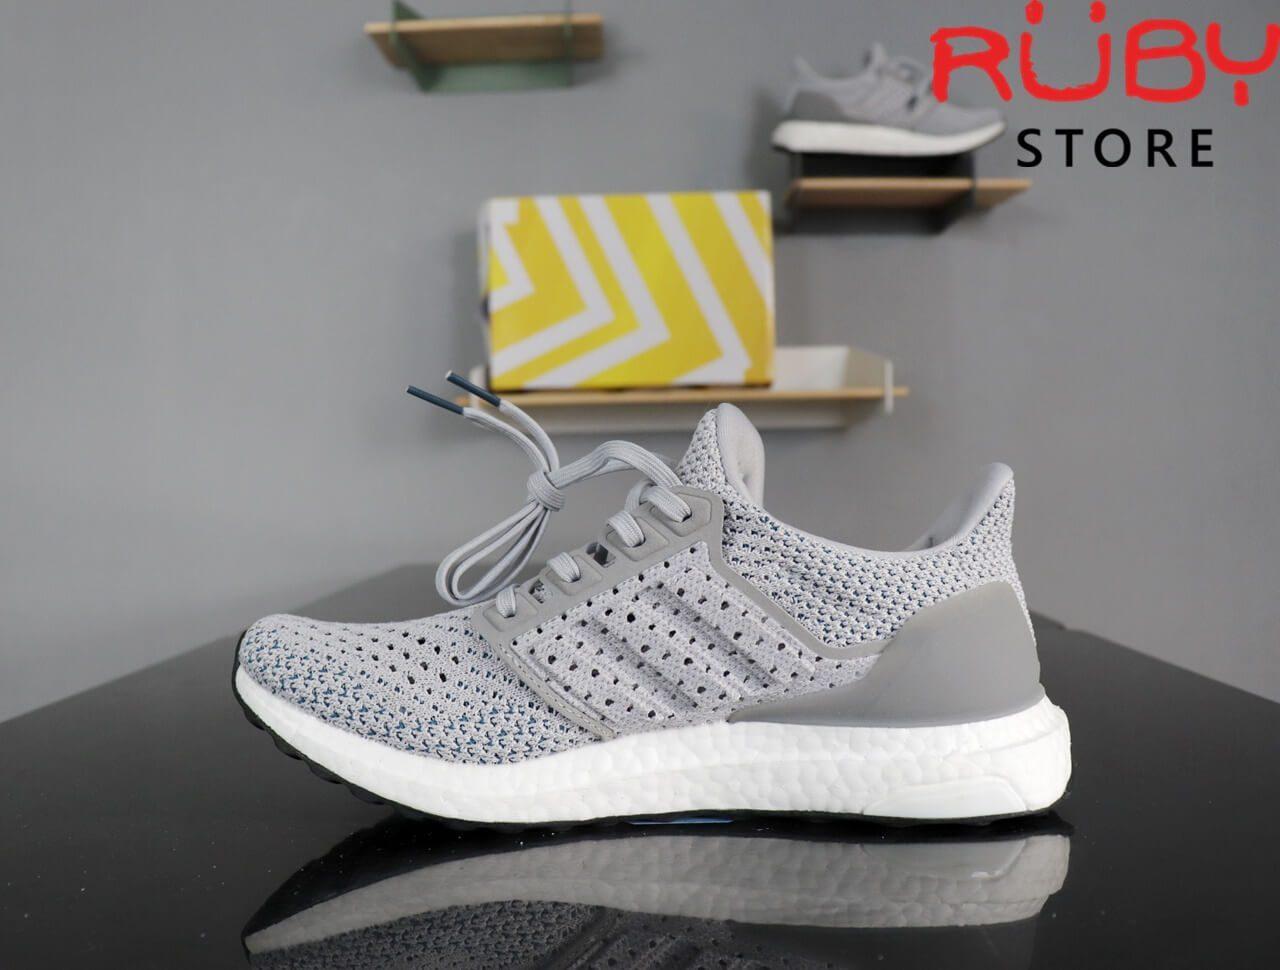 giay-adidas-ultraboost-clima-xam-replica-hcm (2)